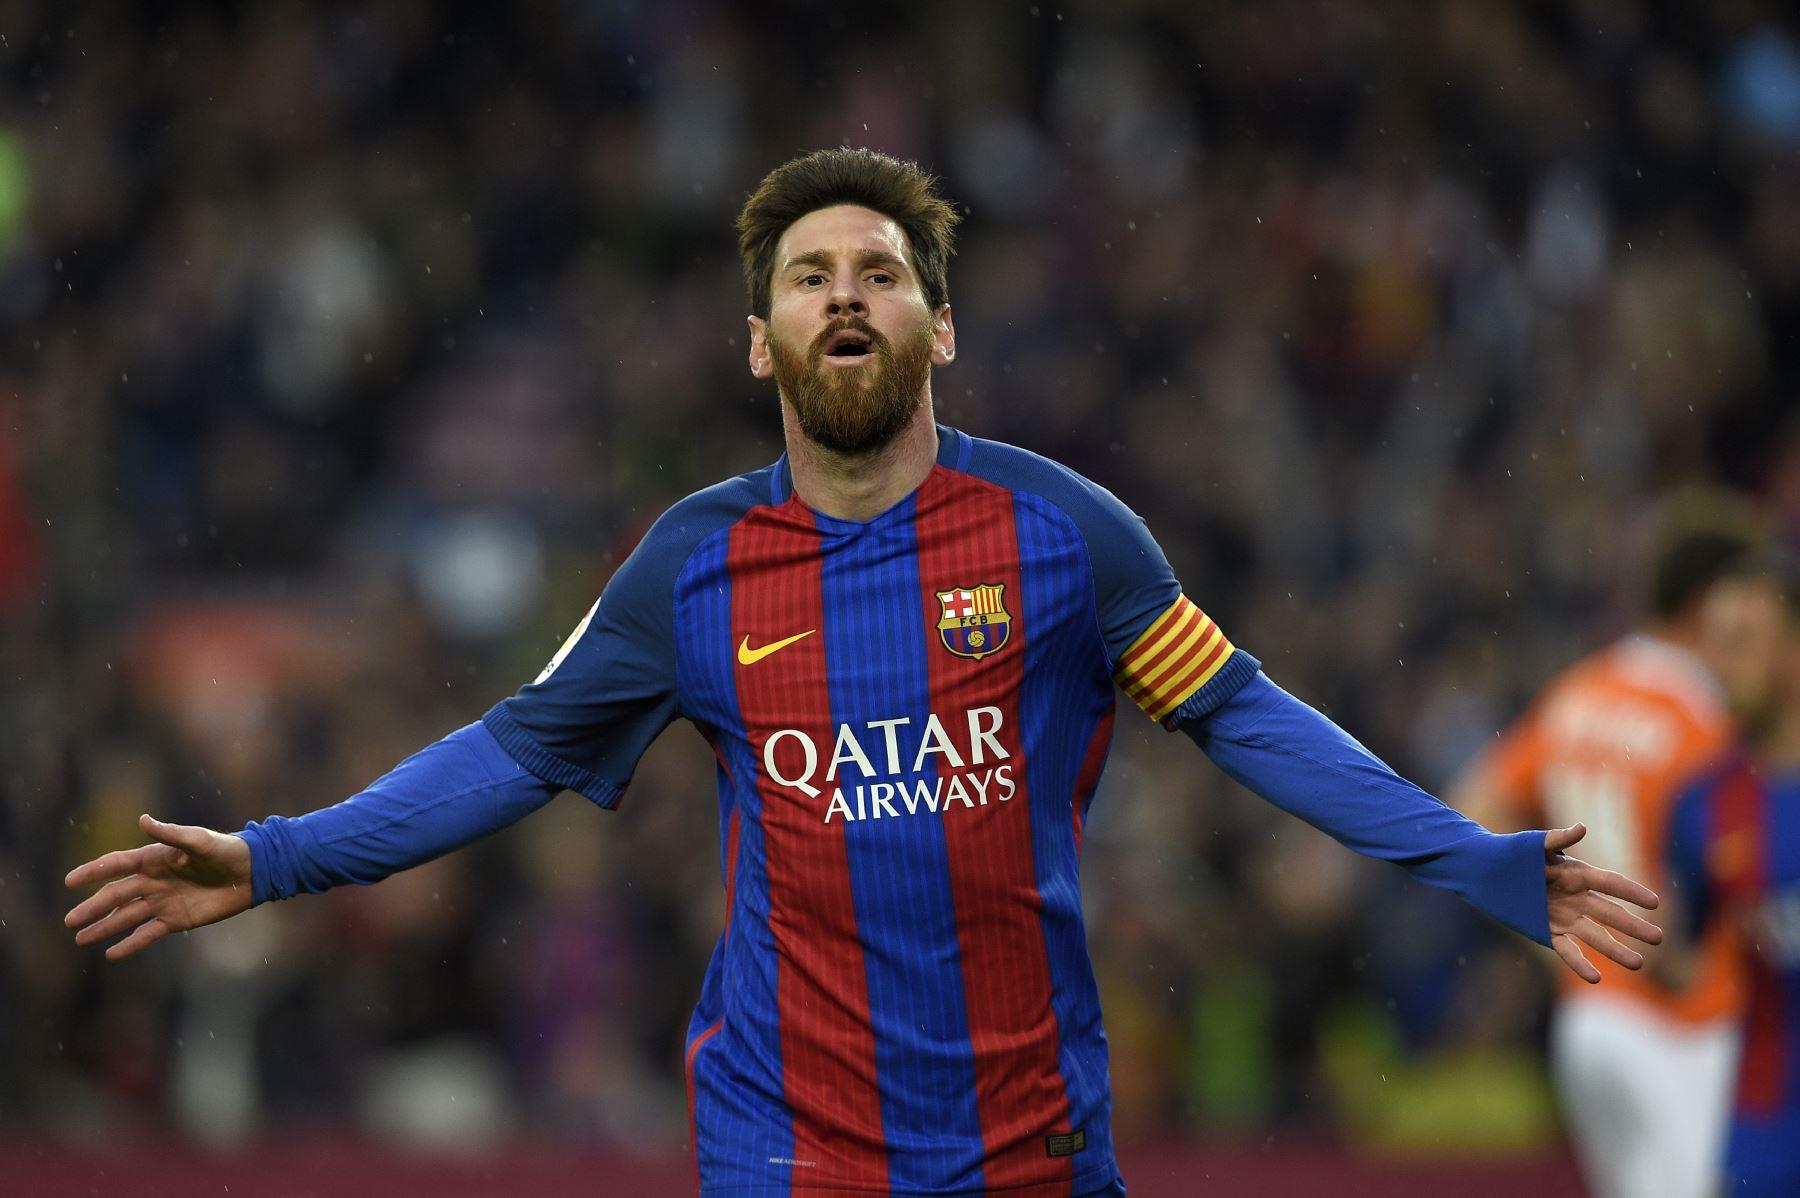 Messi renueva contrato con el Barça hasta 2021